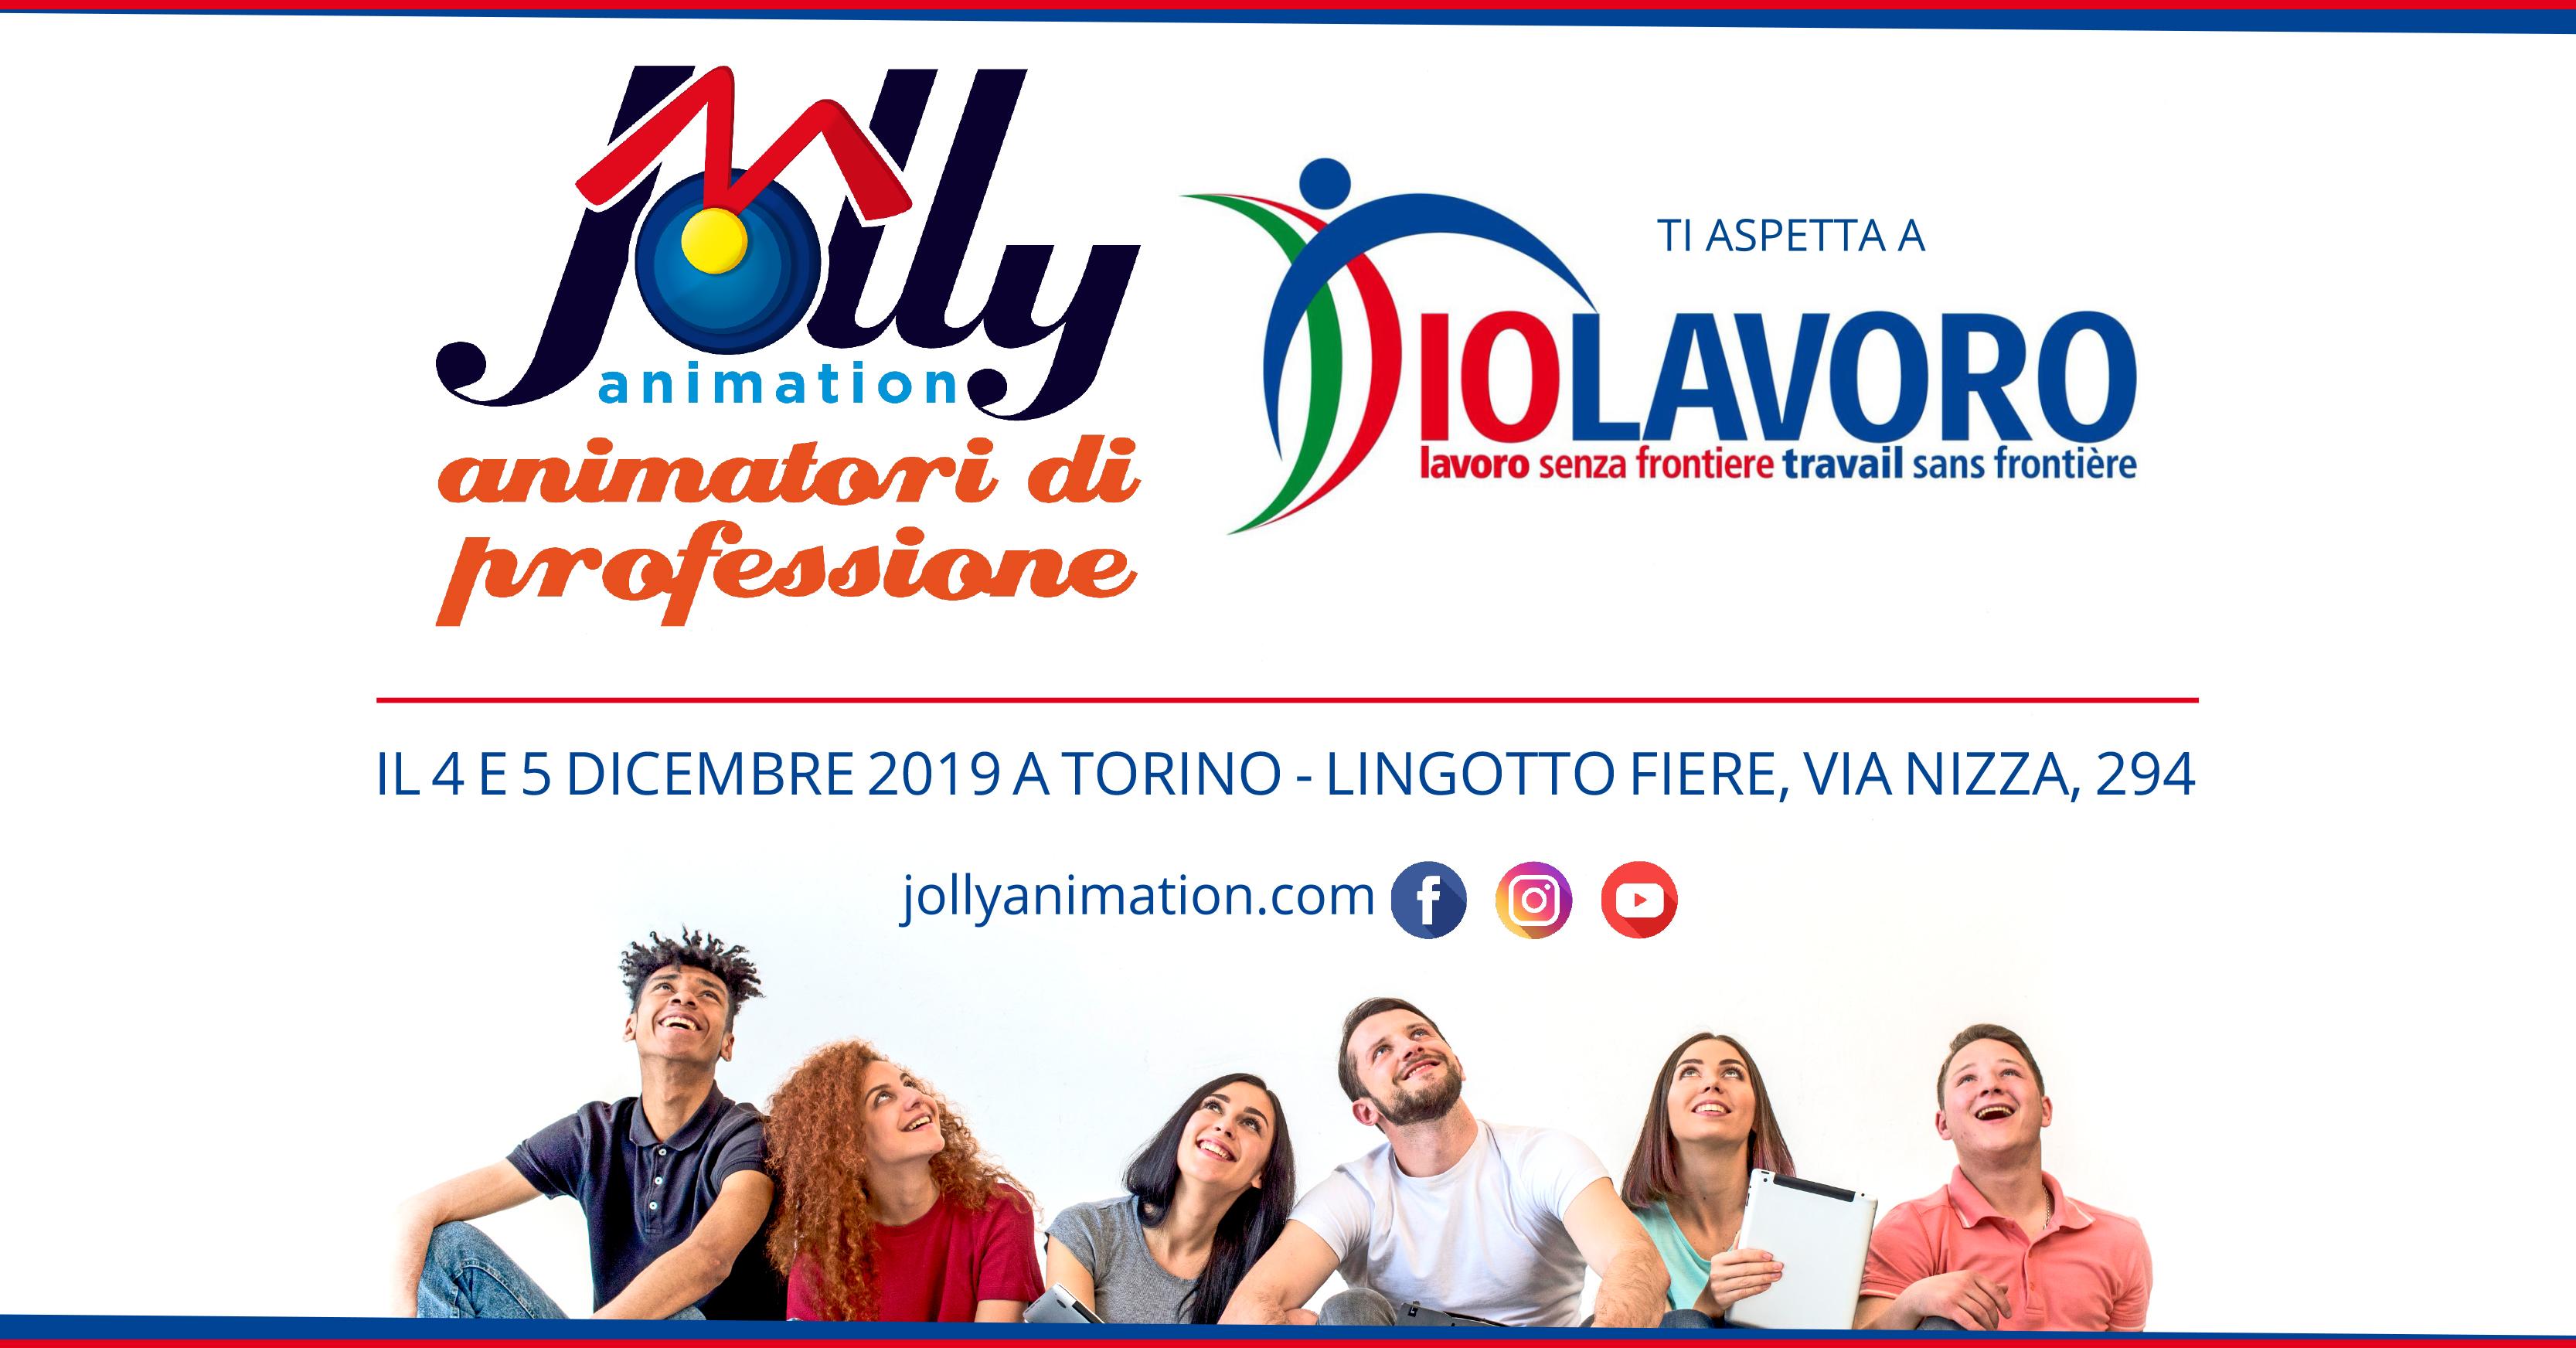 Ti aspettiamo a Io Lavoro a Torino 4 e 5 dicembre